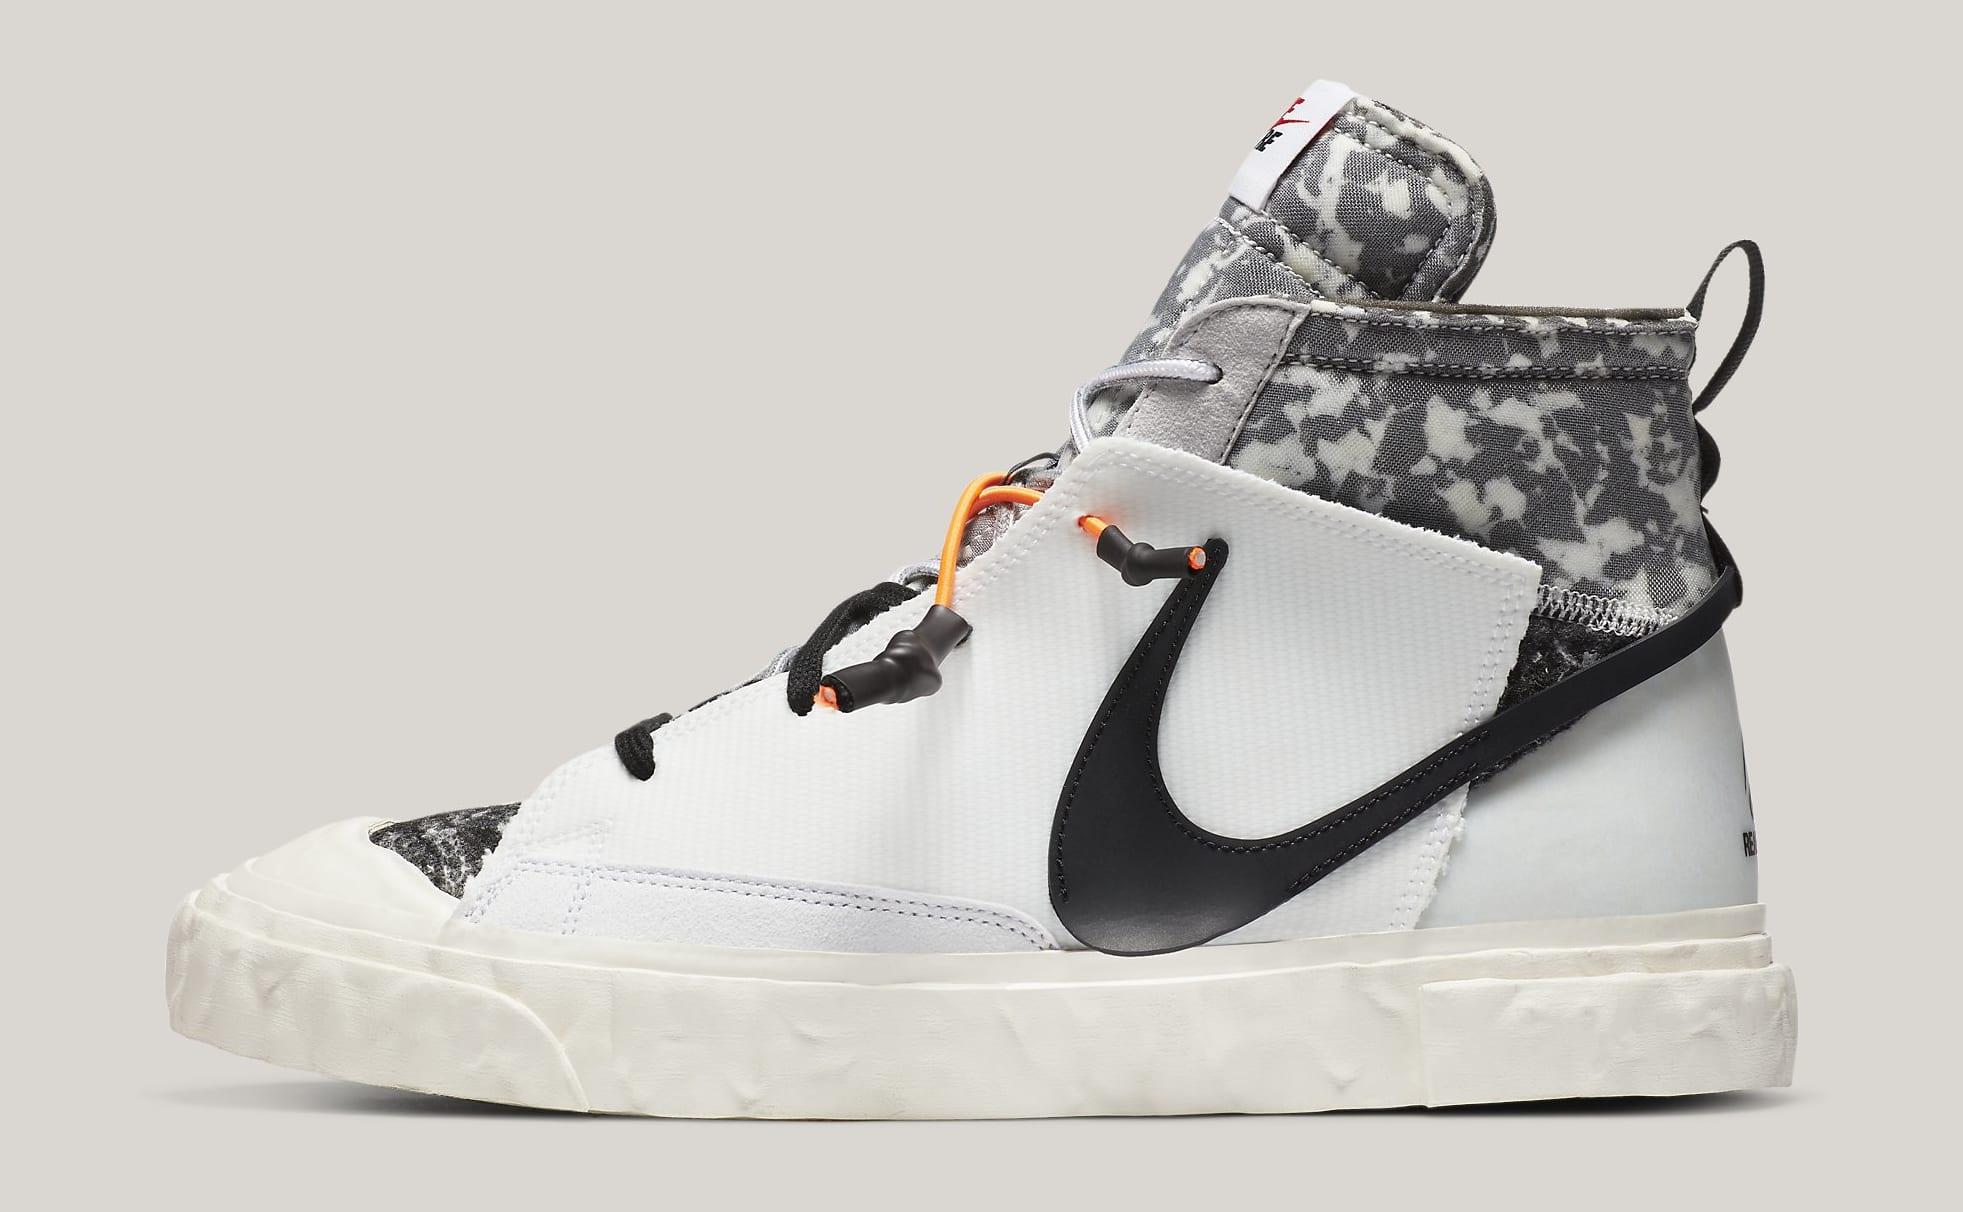 Readymade x Nike Blazer Mid CZ3589-100 Lateral